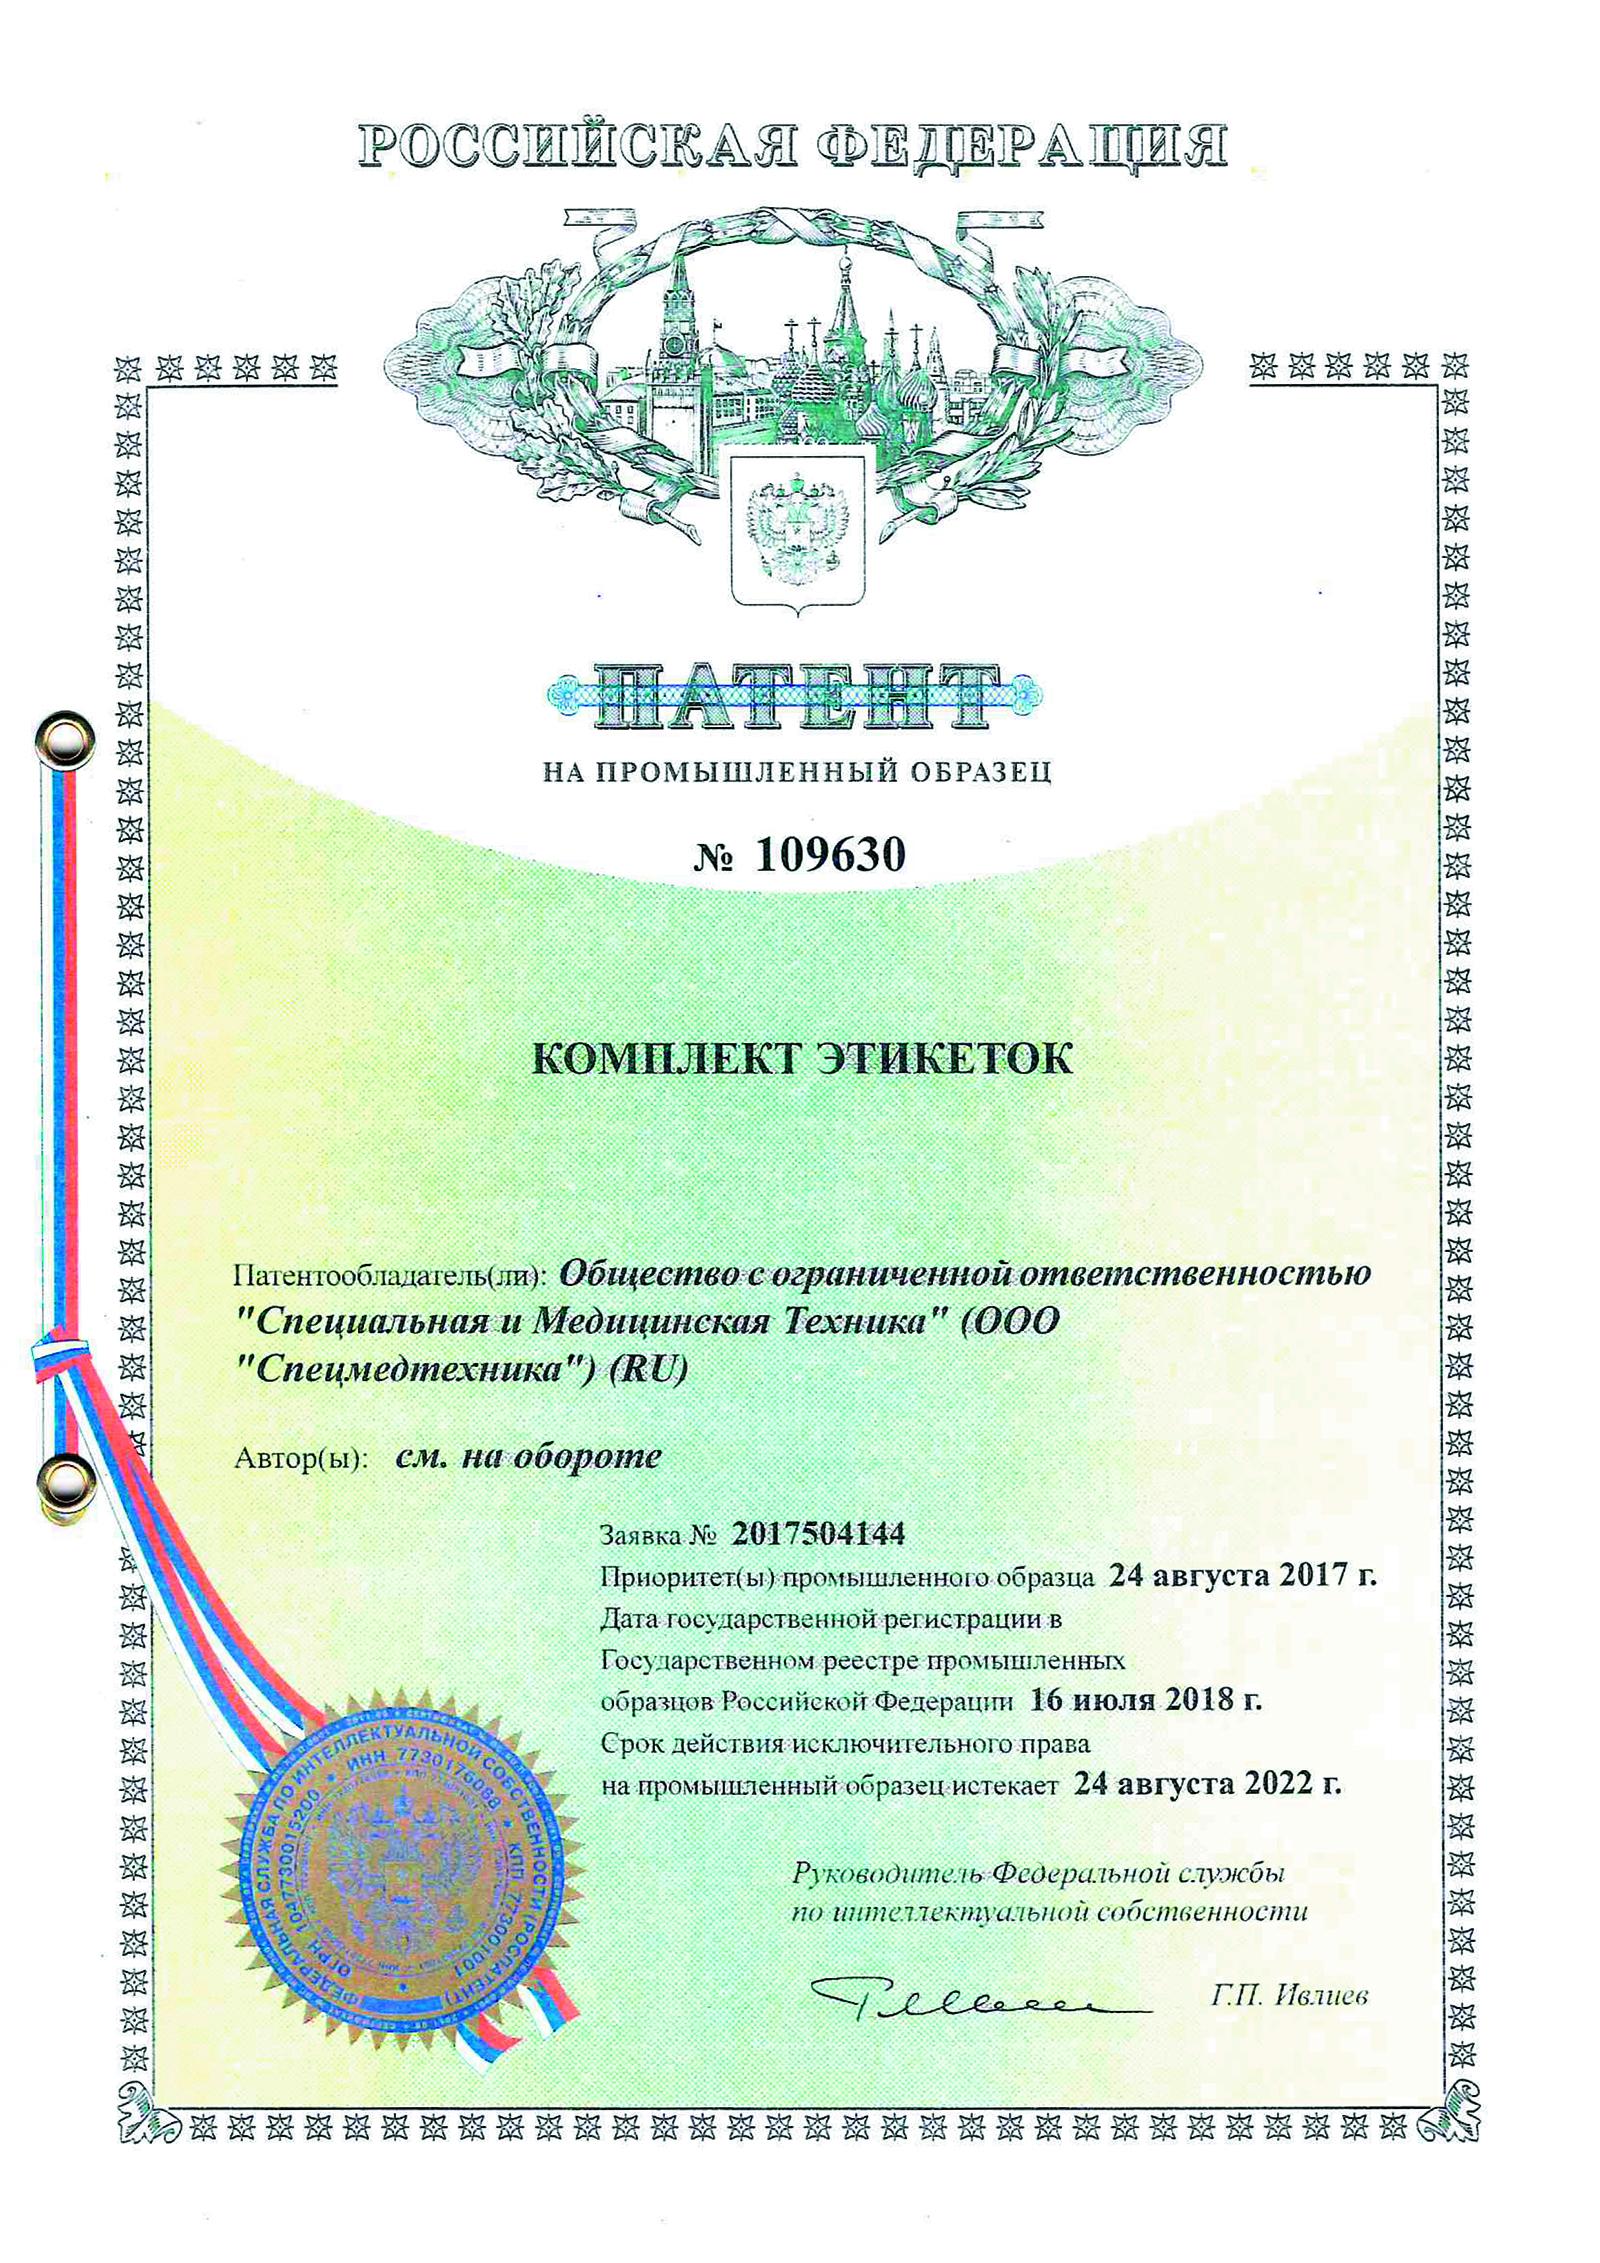 Патент на промышленный образец 109631 Копмлект этикеток